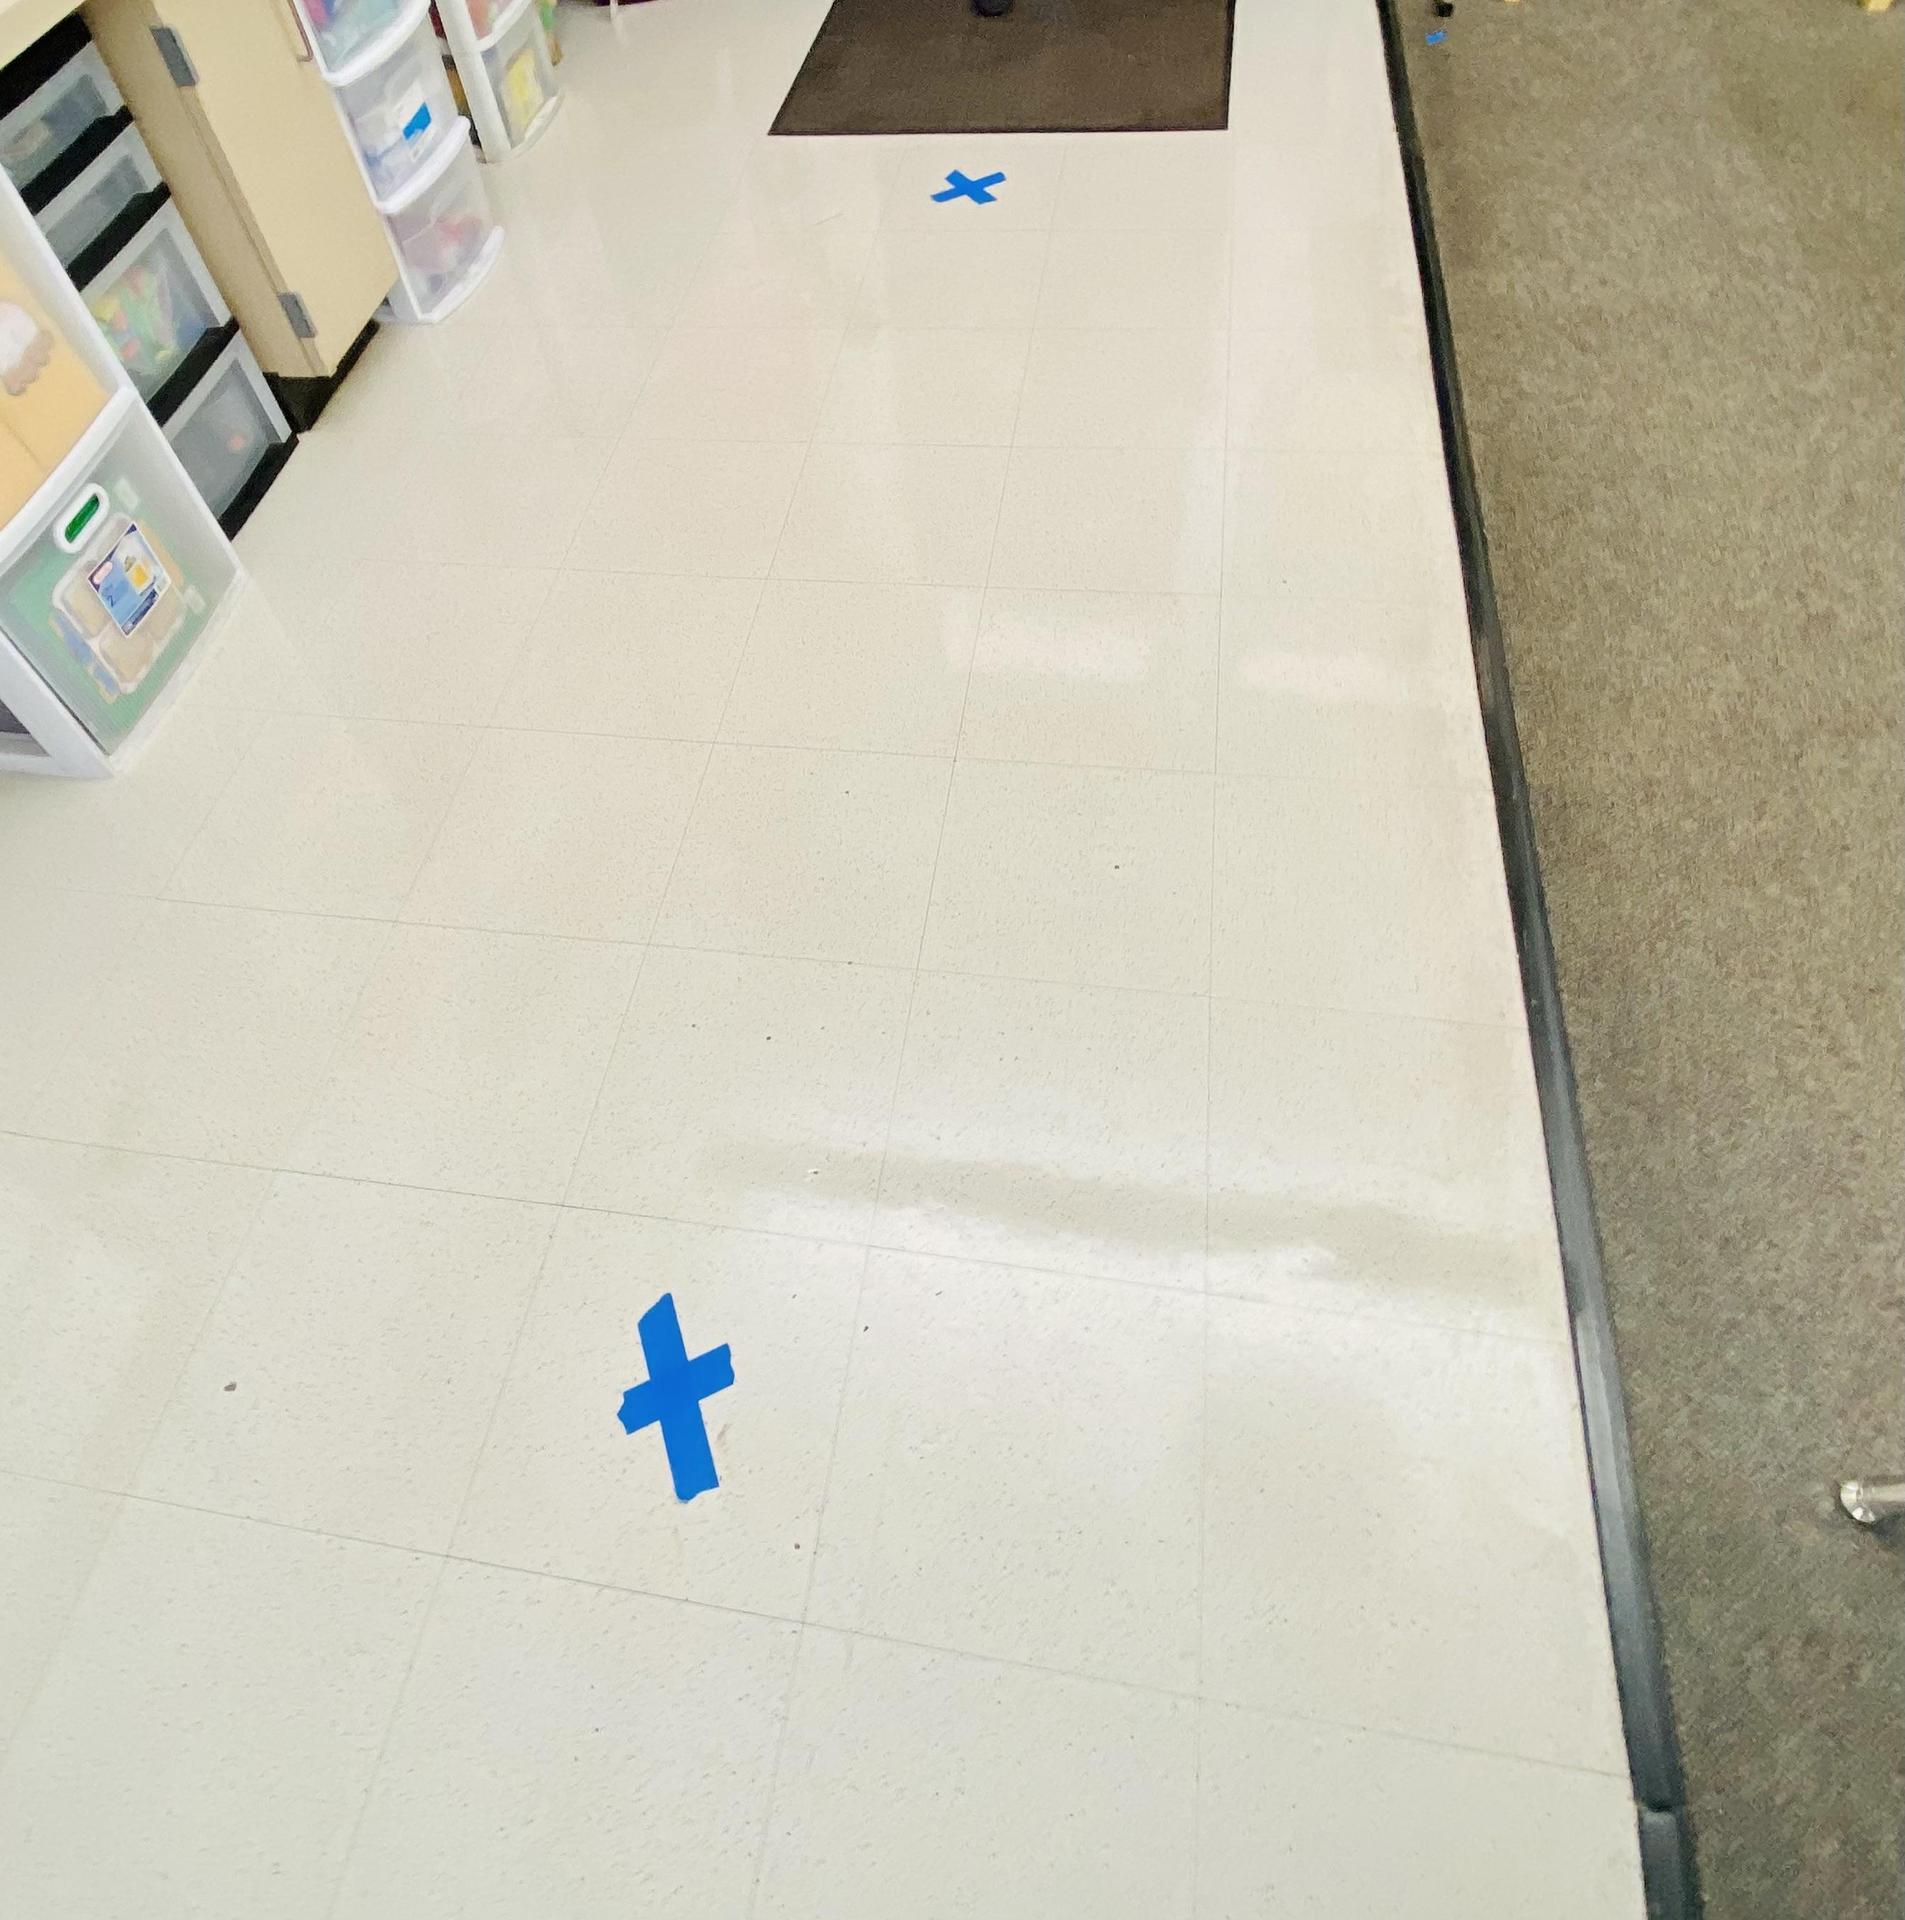 Classroom Floor Markings